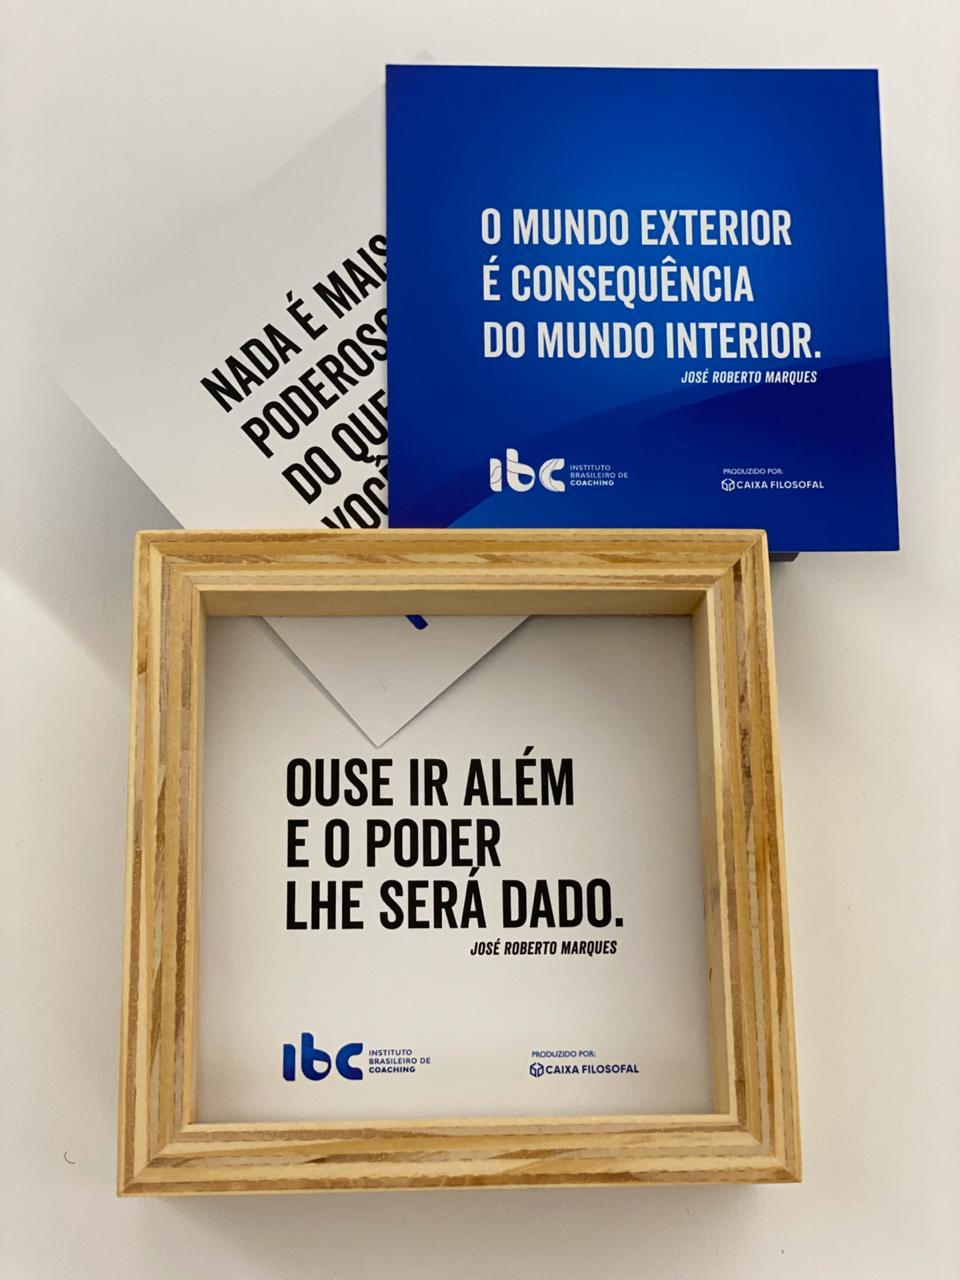 Box Card - Caixa Filosofal (Com frases de José Roberto Marques)